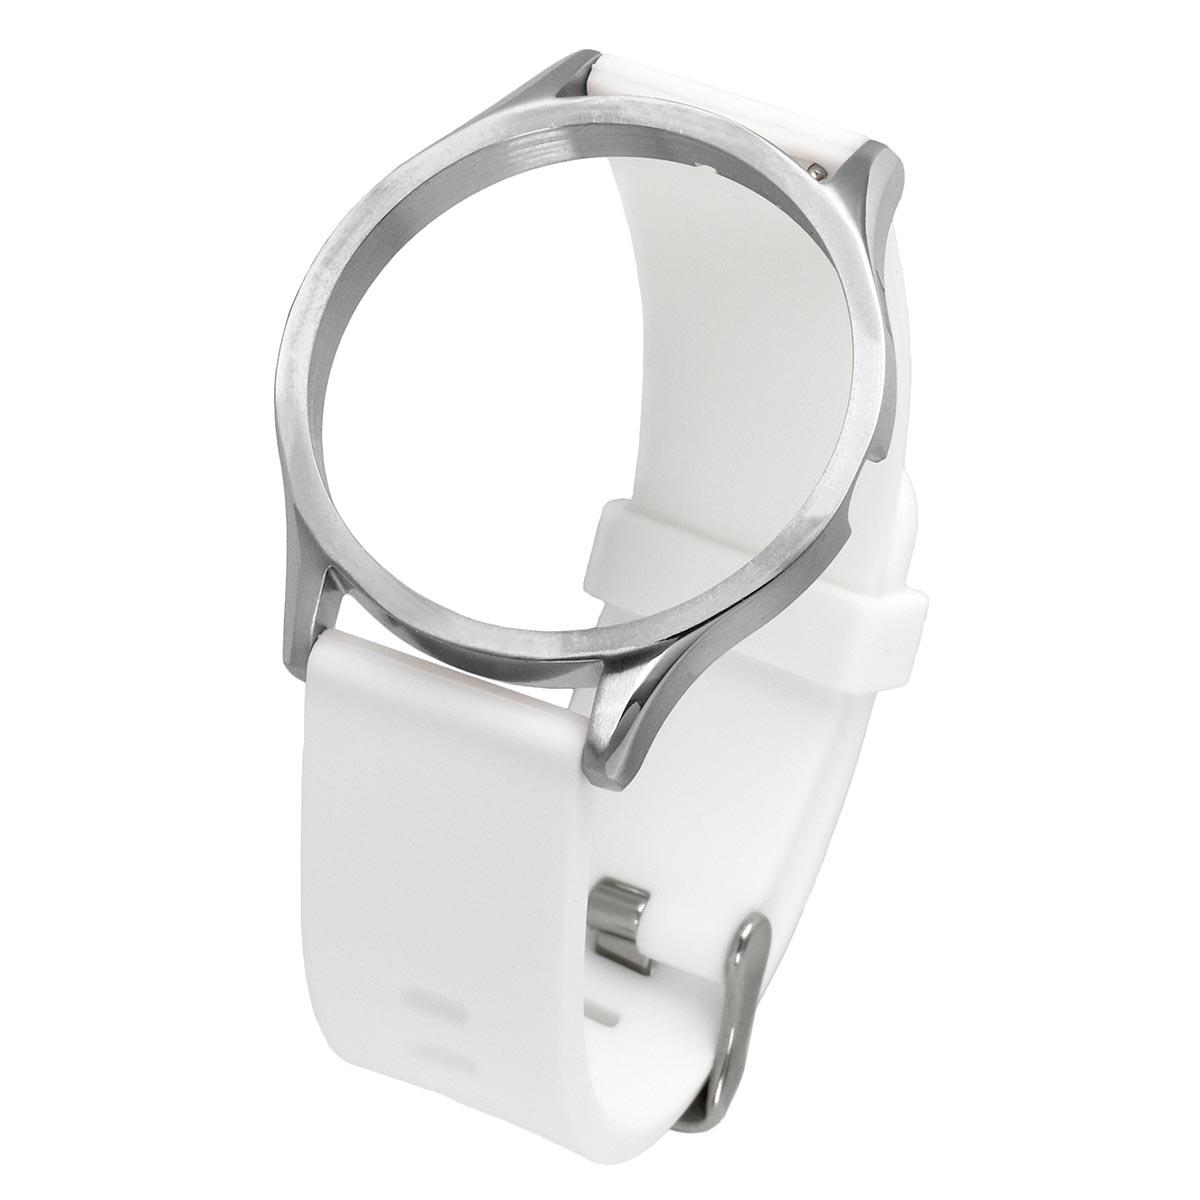 RUBBER STRAP SILVER-WHITE